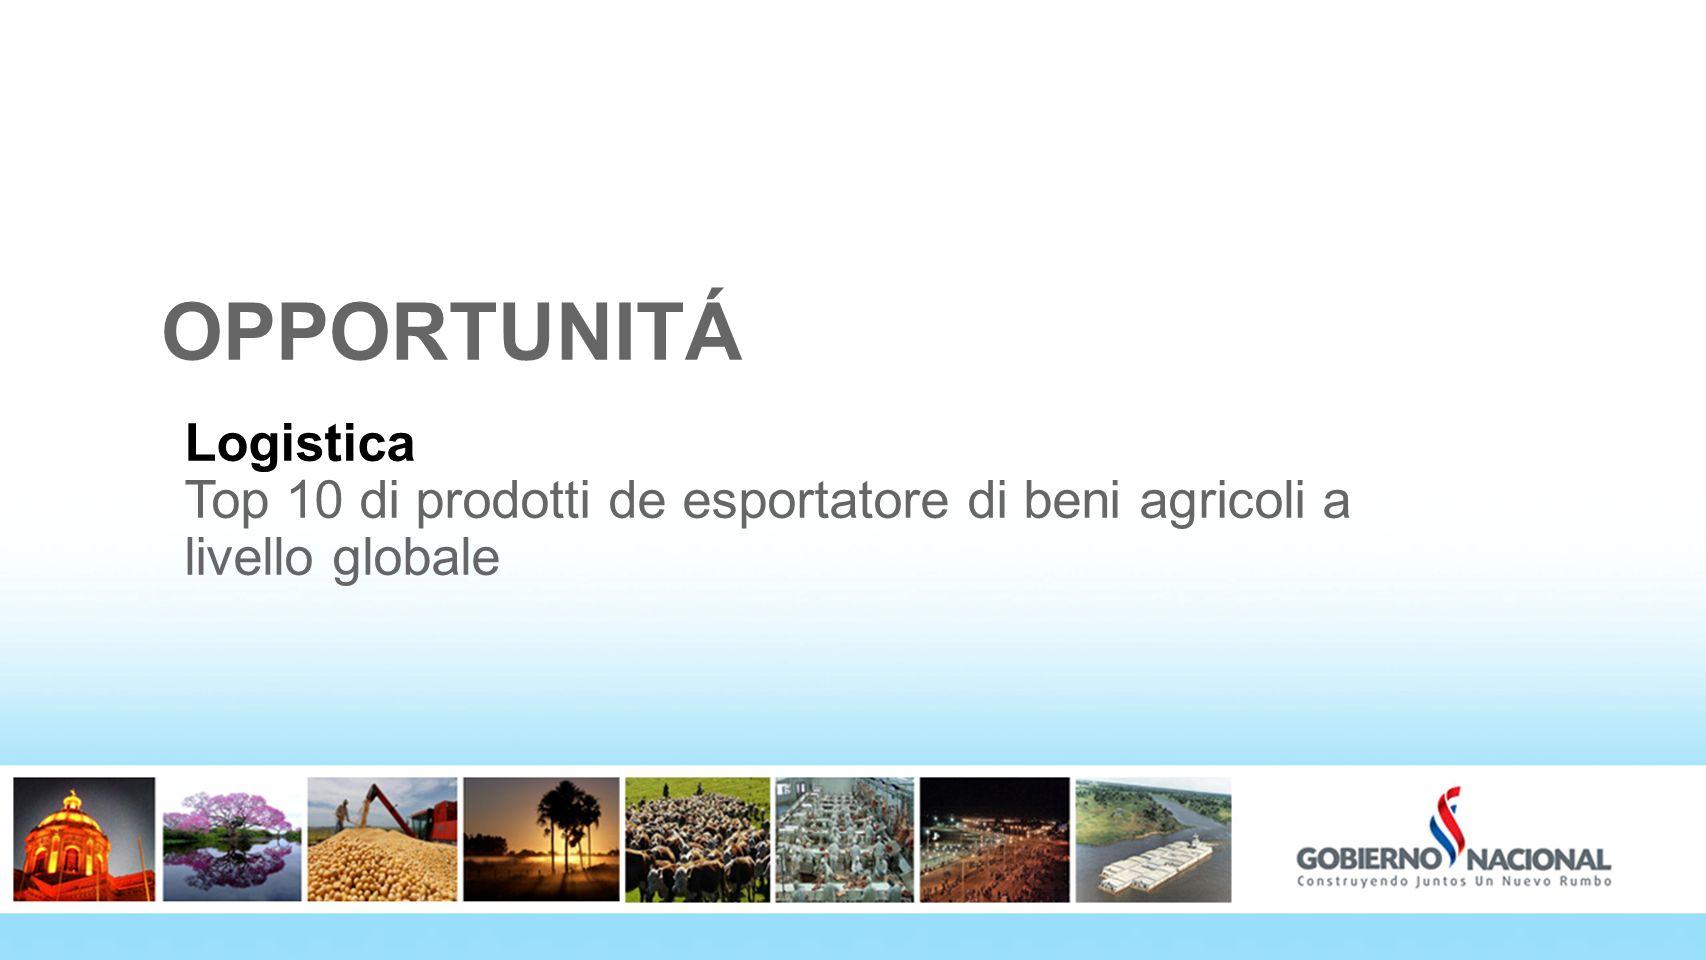 OPPORTUNITÁ Logistica Top 10 di prodotti de esportatore di beni agricoli a livello globale